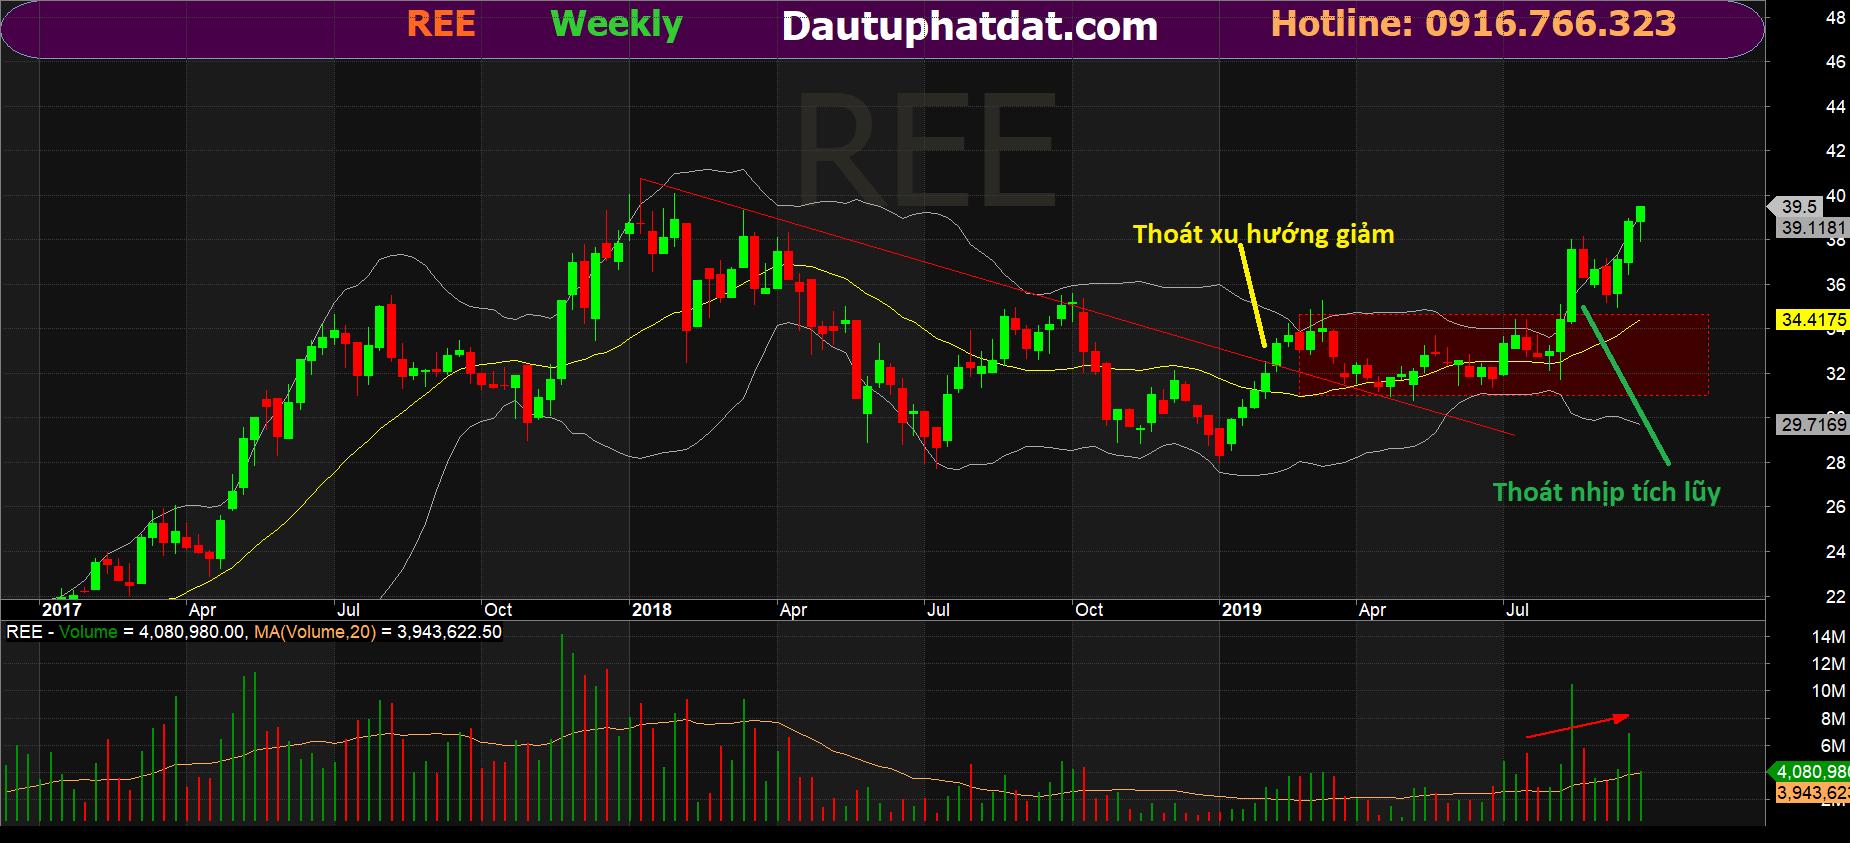 Đồ thị kĩ thuật tuần cổ phiếu REE